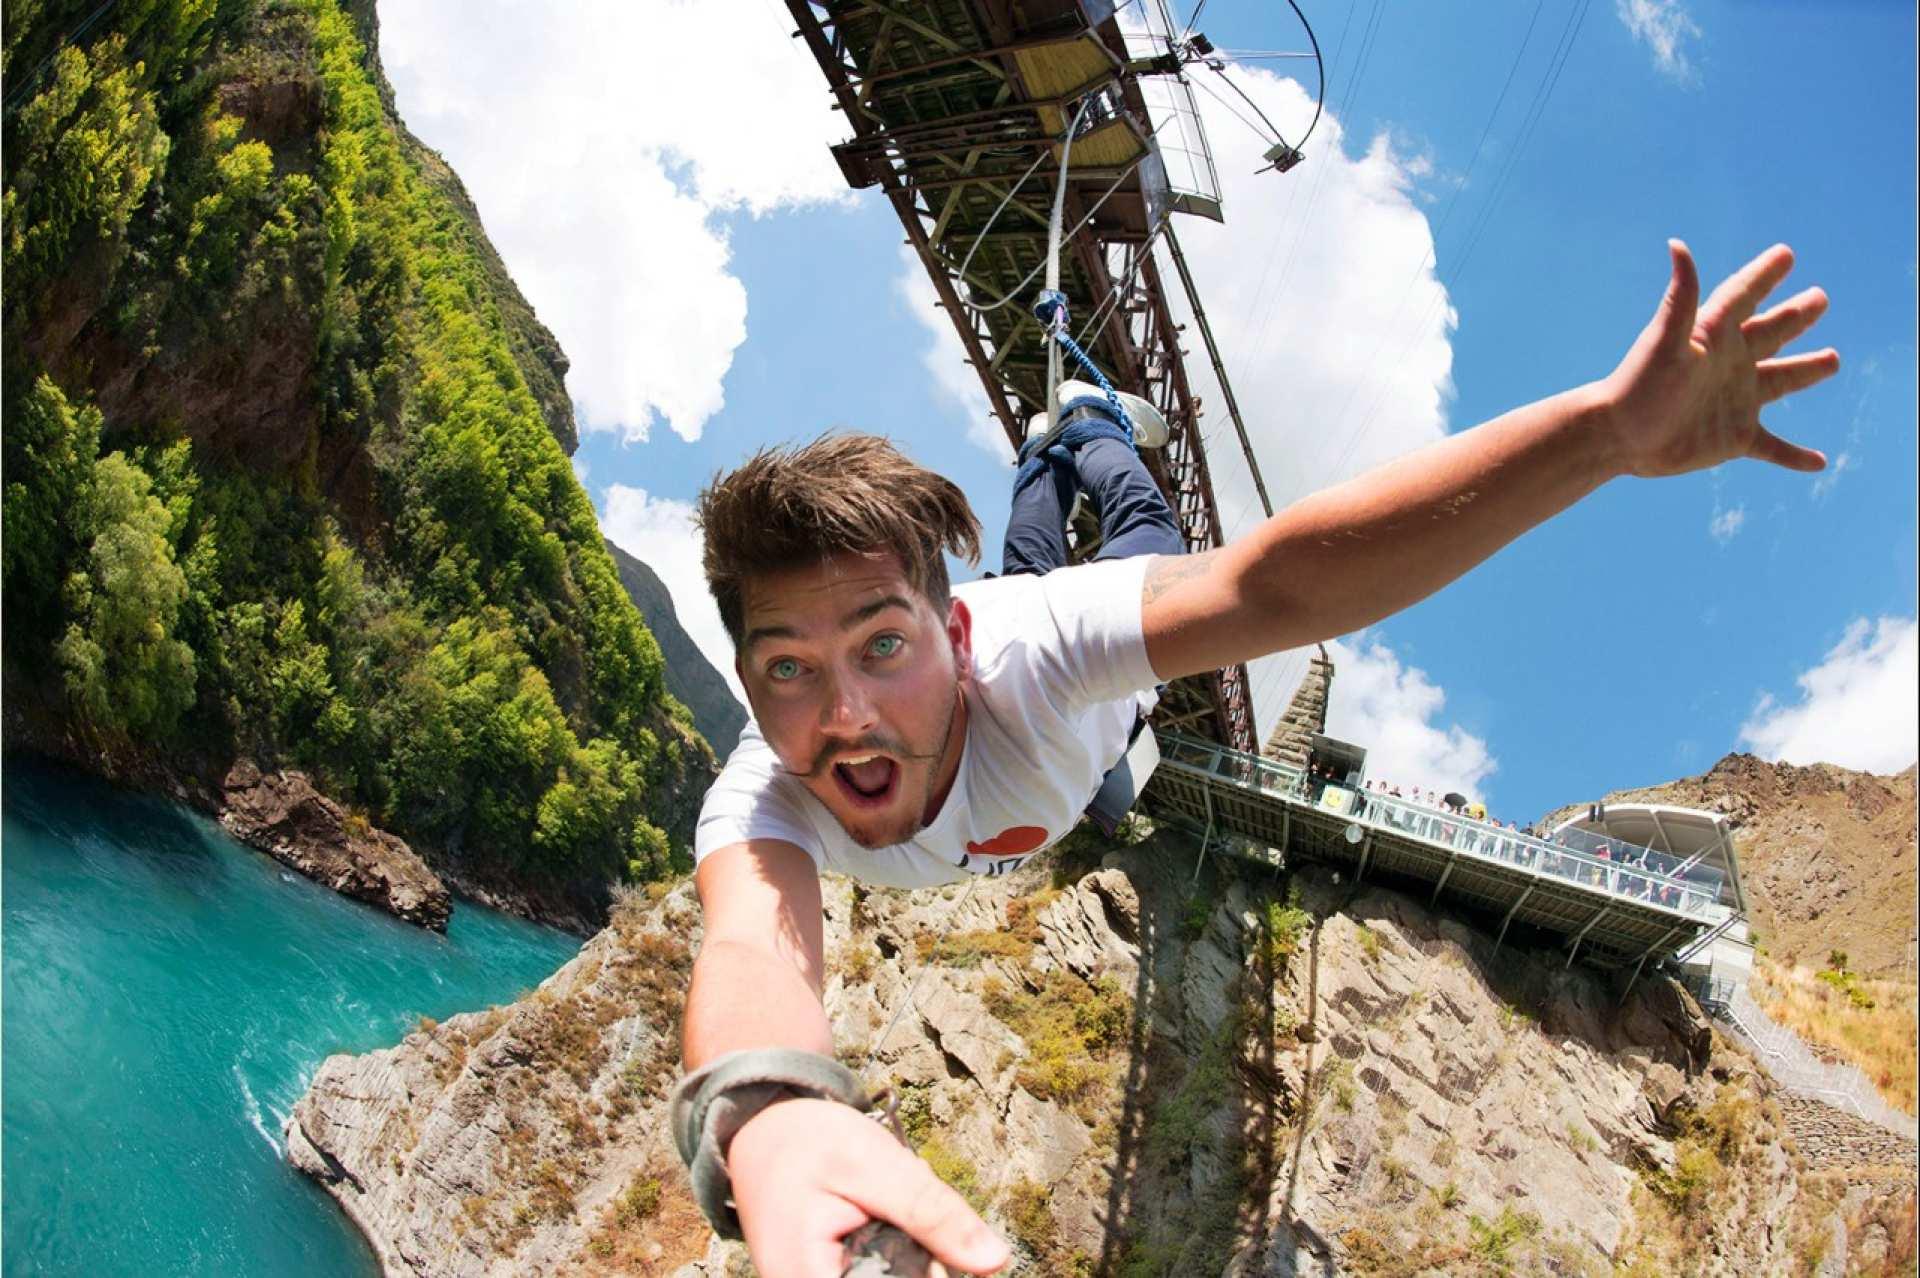 【紐西蘭南島極限挑戰】皇后鎮卡瓦勞大橋高空彈跳